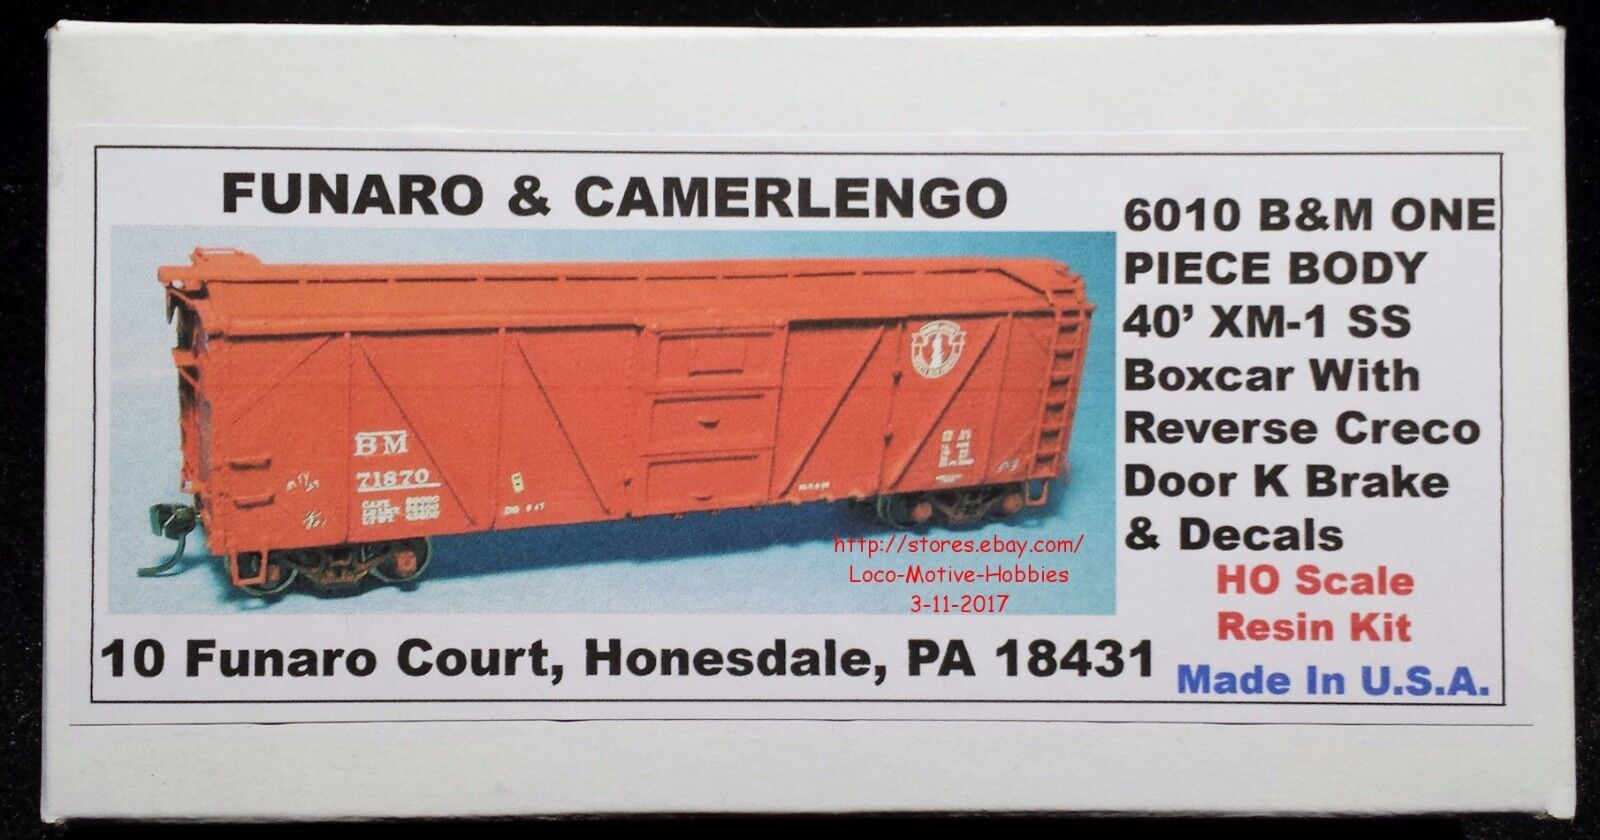 Funaro F&C 6010 BOSTON MAINE 40' XM-1 Wood B&M BM Boxcar Creco Door K Brake 1 PC